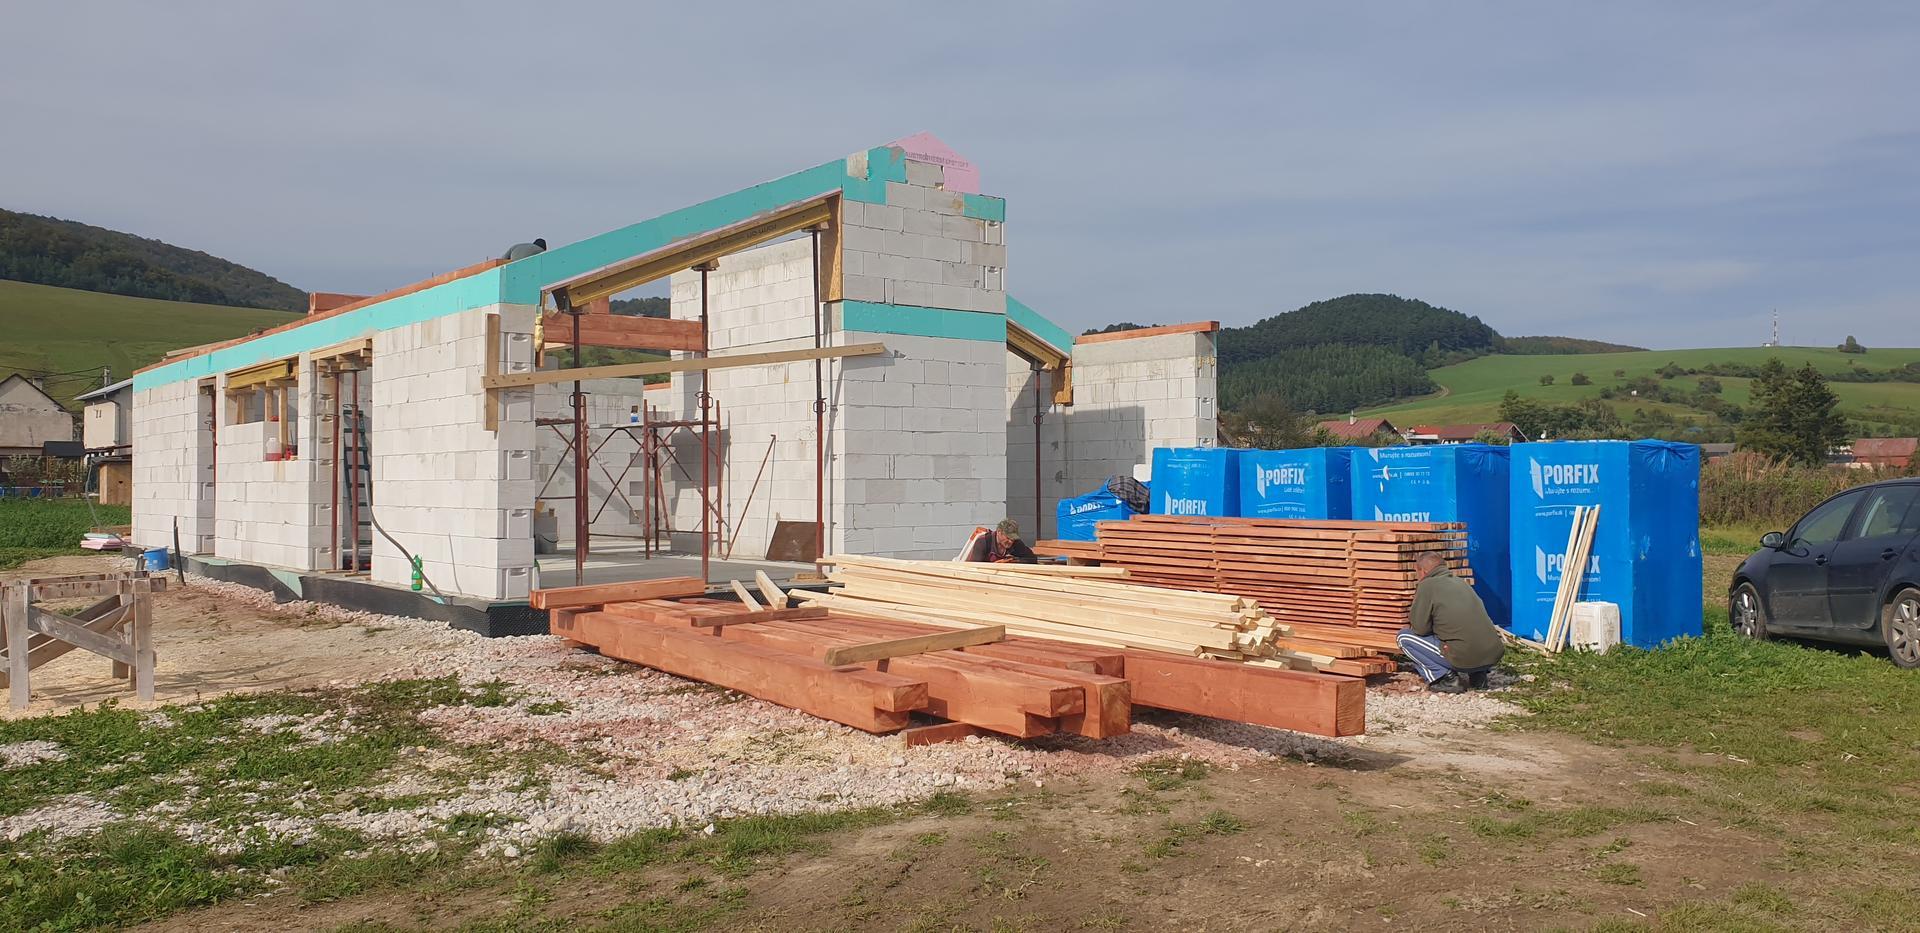 začíname  stavat 😉Bungalov 1871 - už aby to drevo bolo na chalupe 😂